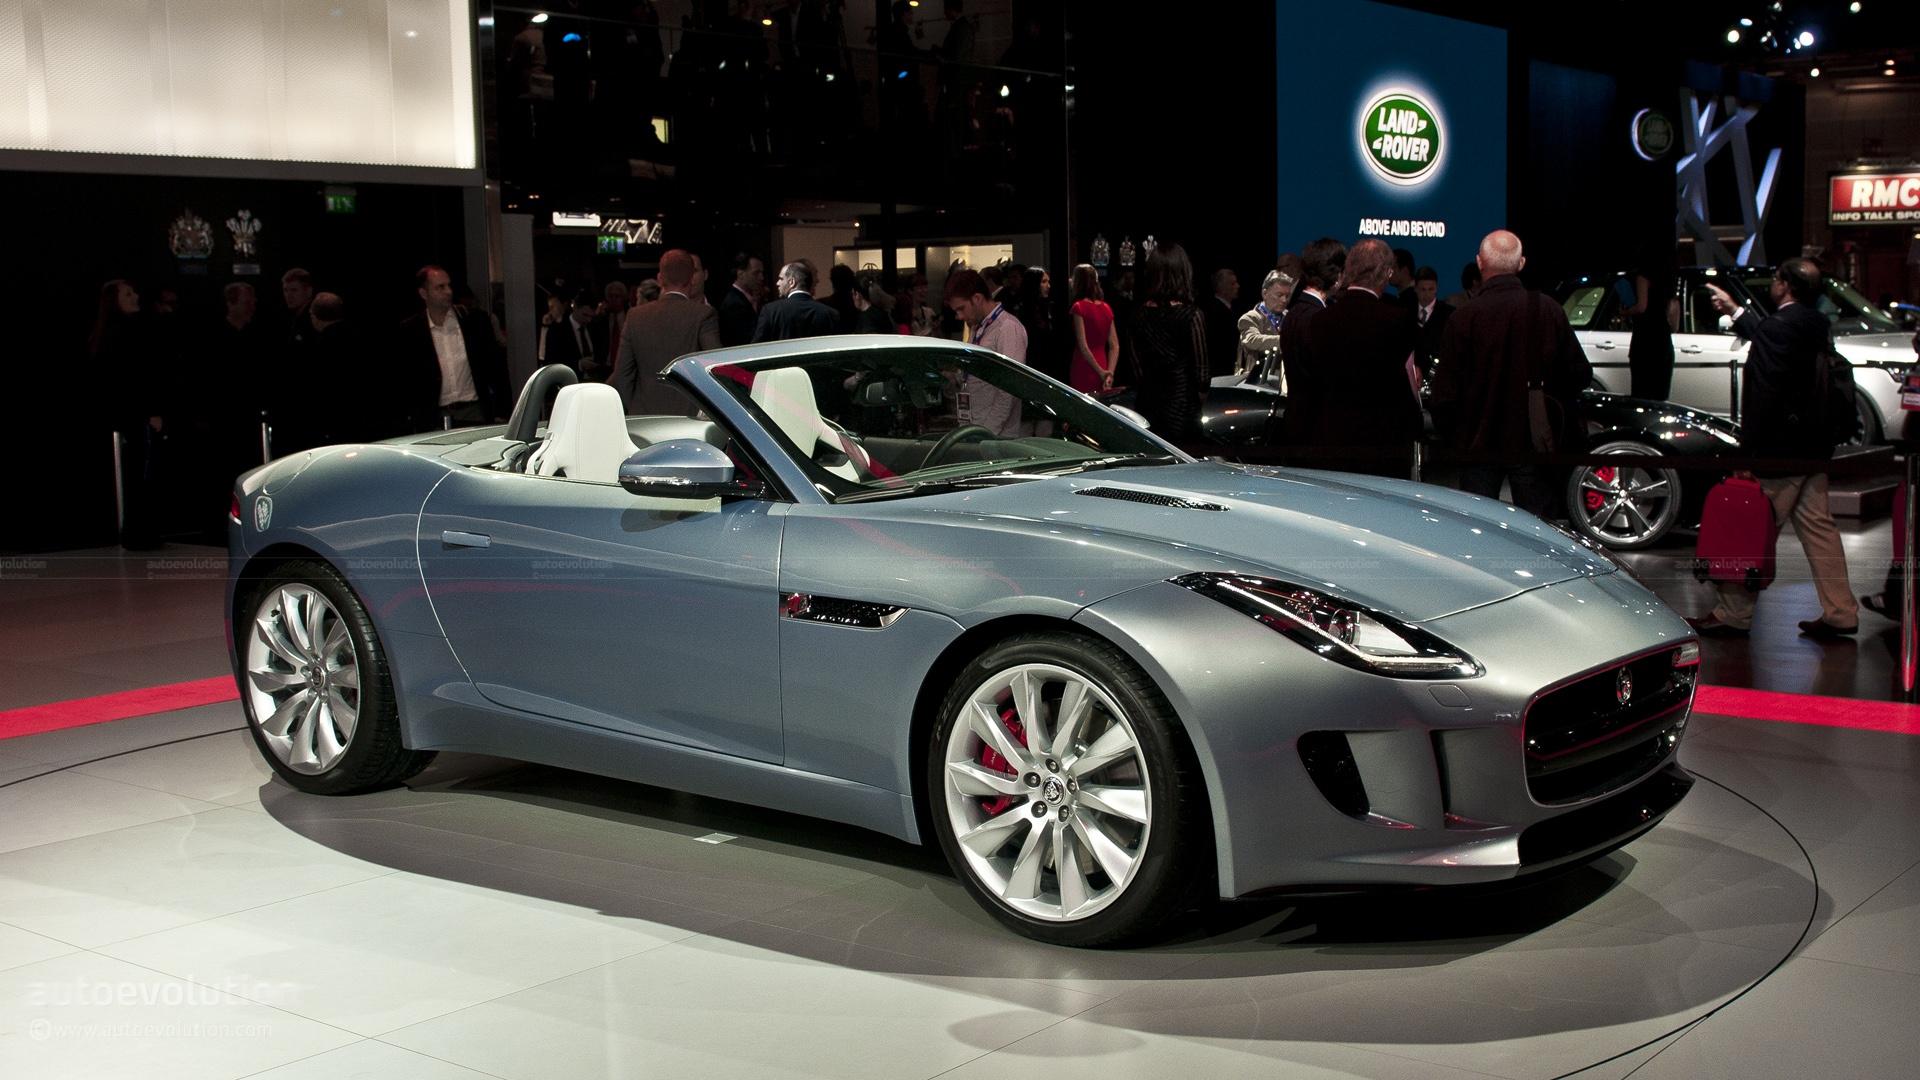 2014 jaguar f type us order guide leaked autoevolution. Black Bedroom Furniture Sets. Home Design Ideas